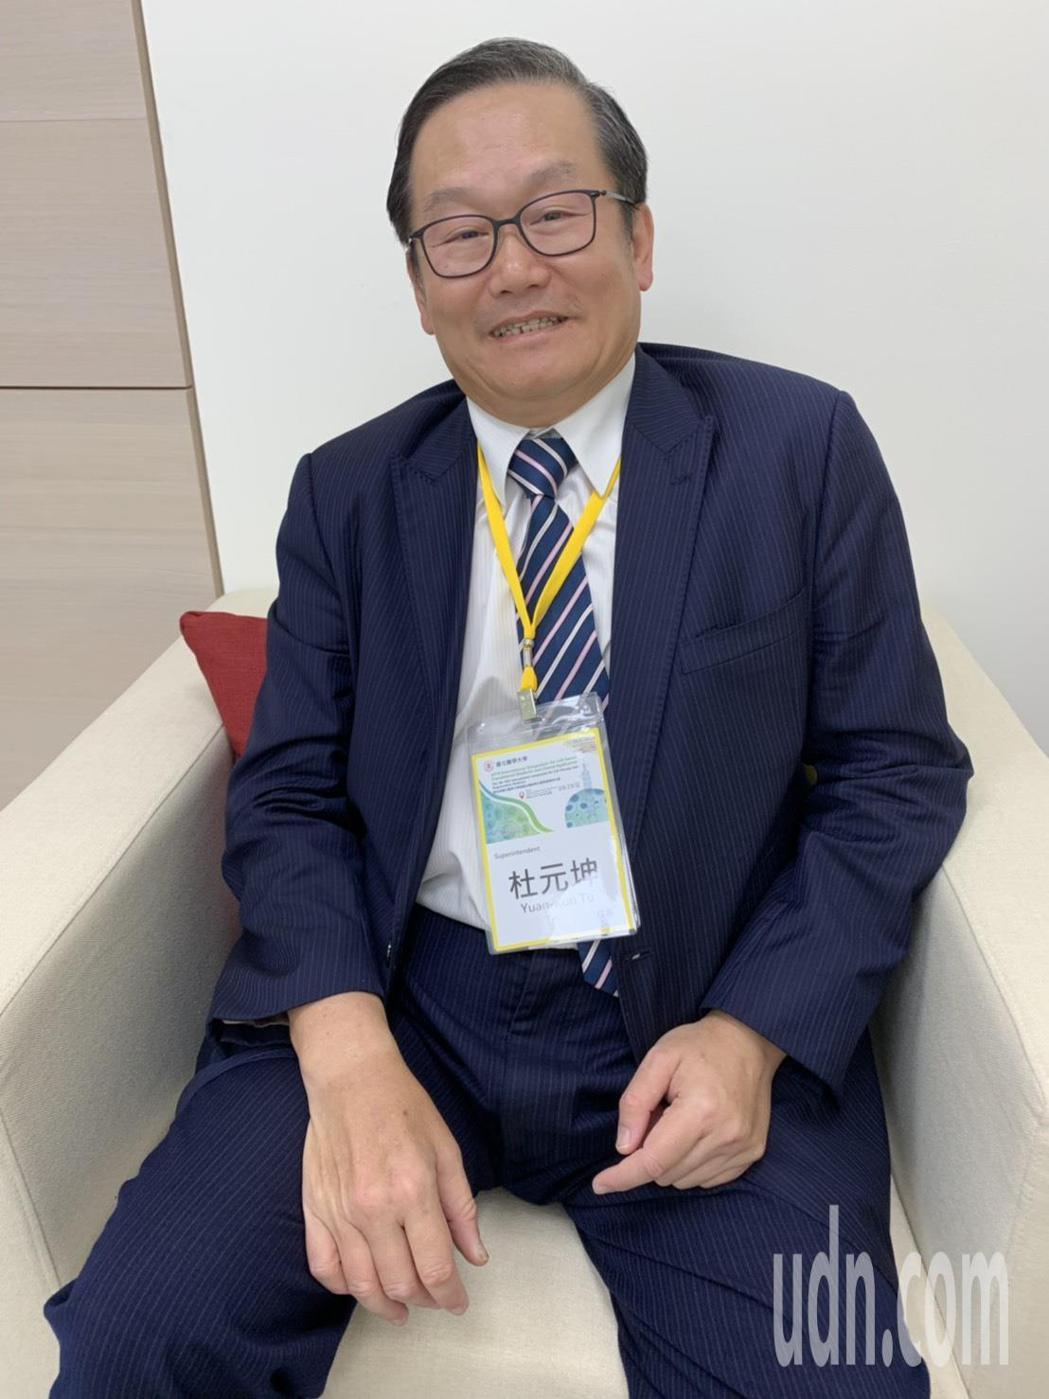 義大醫院院長杜元坤,今參與台北醫學大學舉辦的第4屆細胞治療與再生醫學國際研討會,...